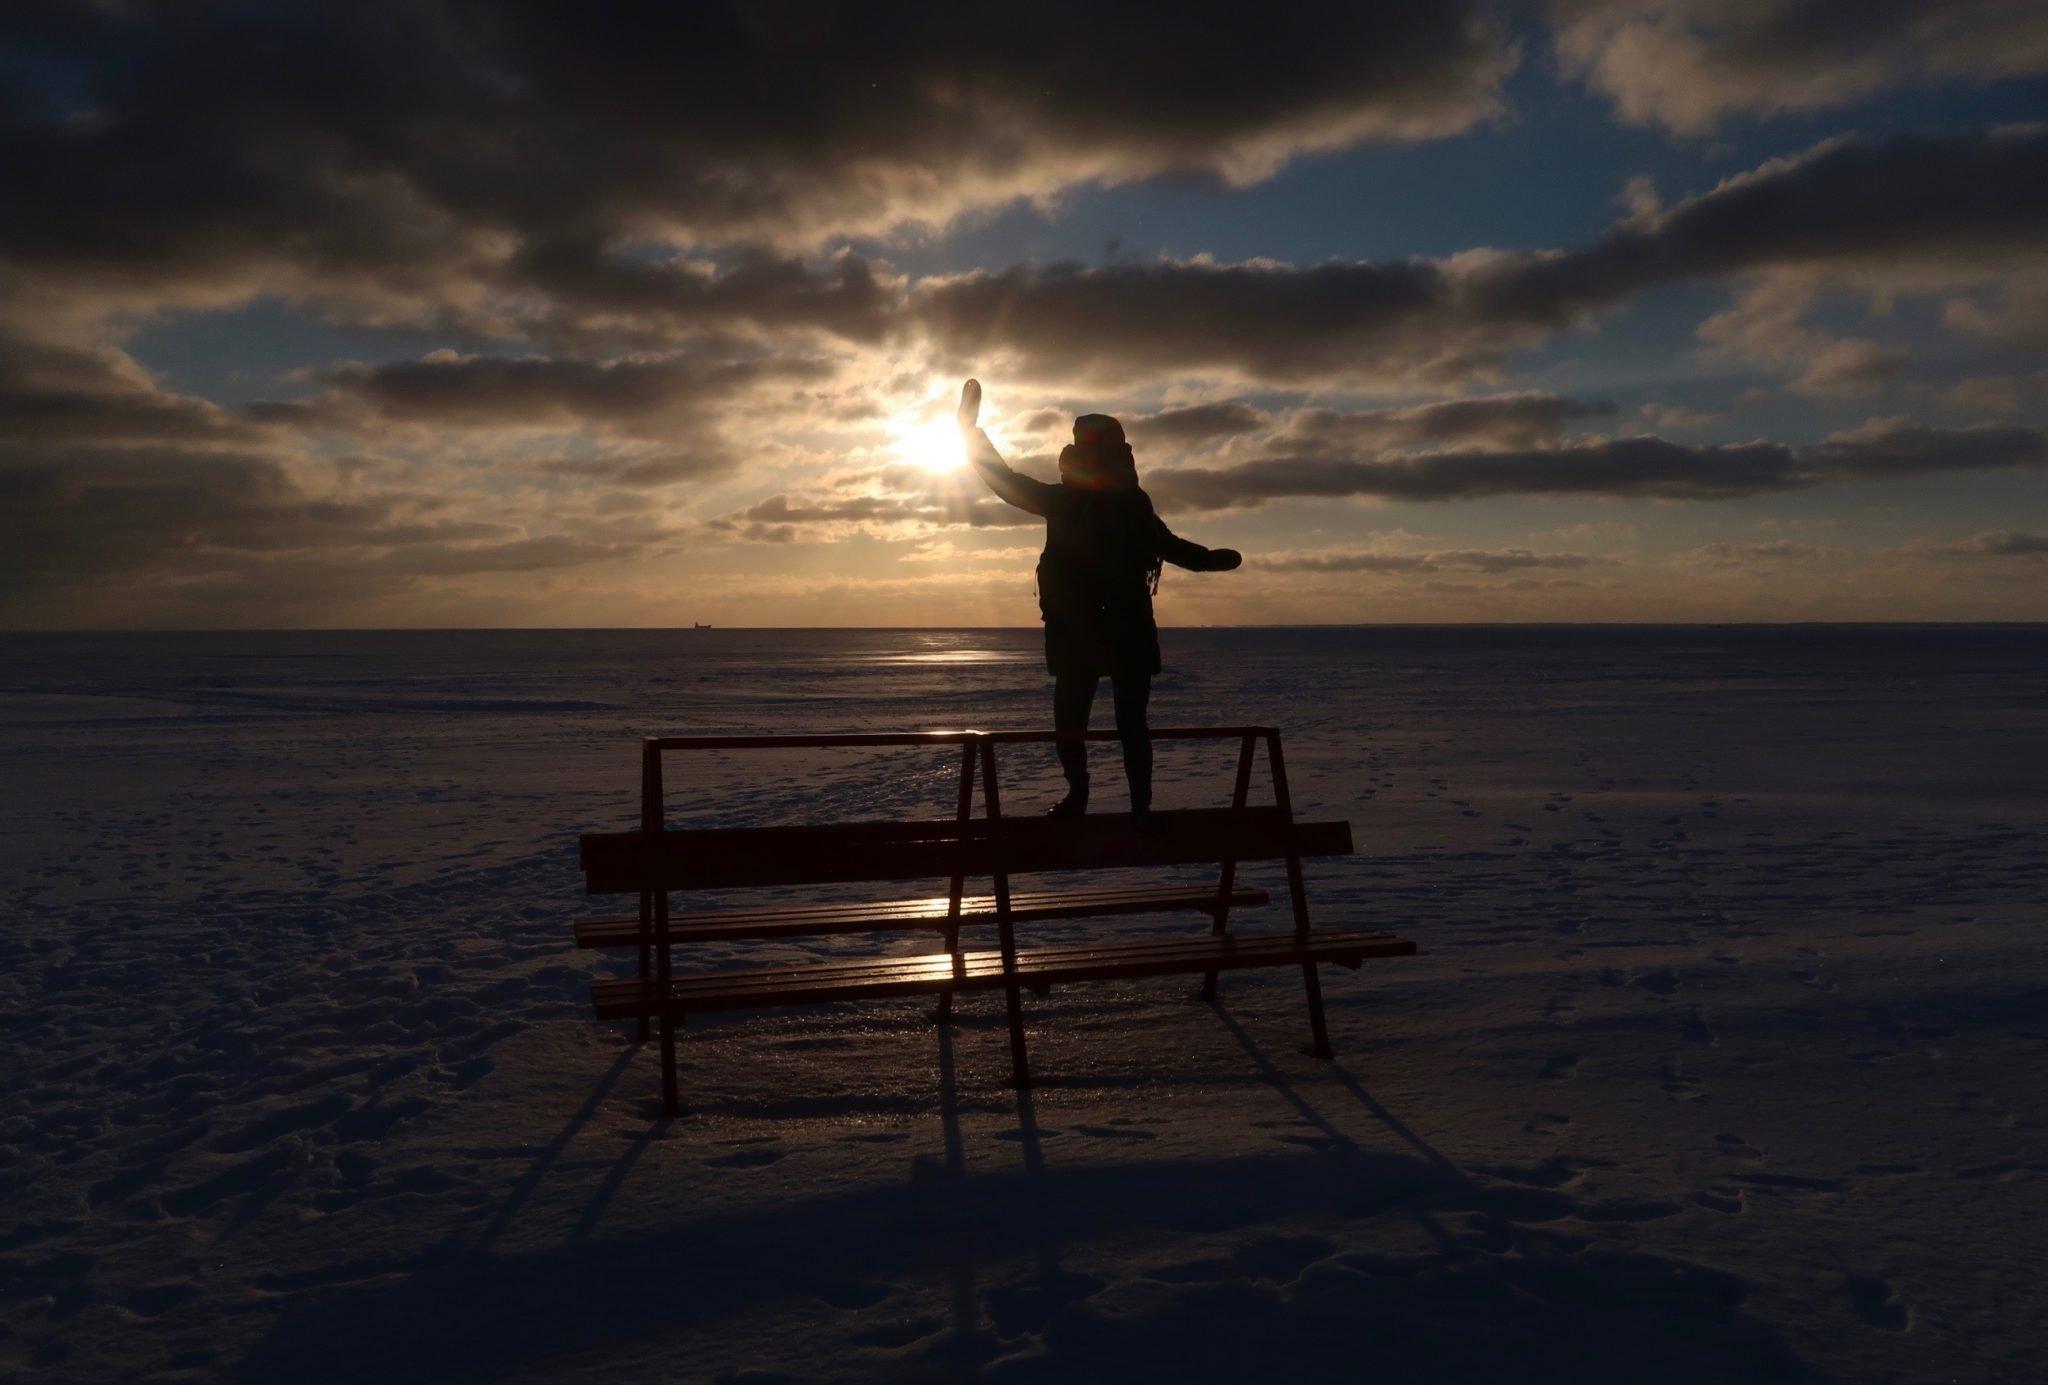 Pärnu auringonlasku talvella